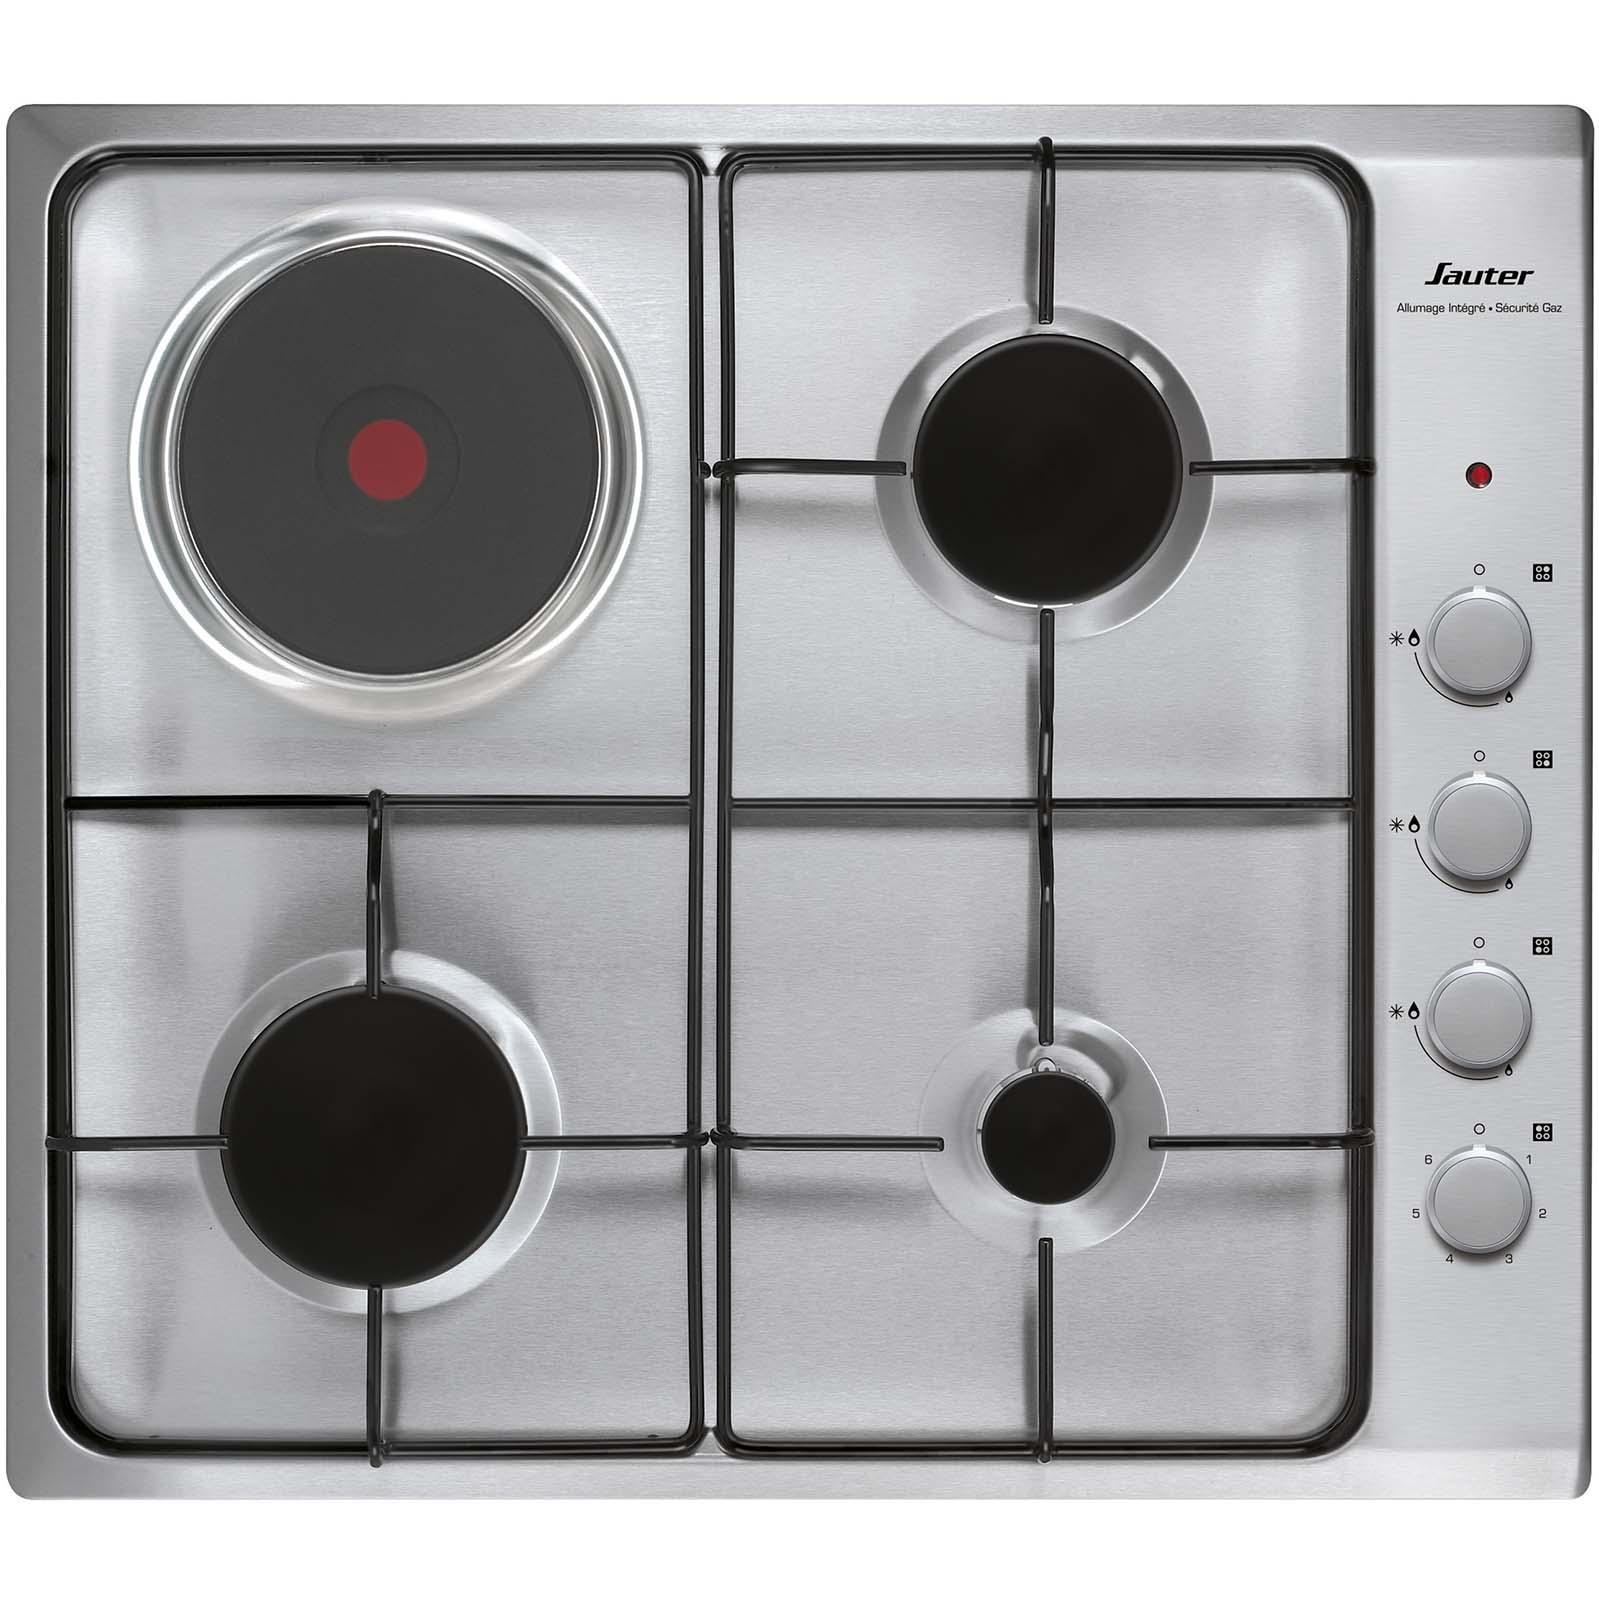 Cuisine Au Gaz Ou Induction les plaques de cuisson | sauter électroménager